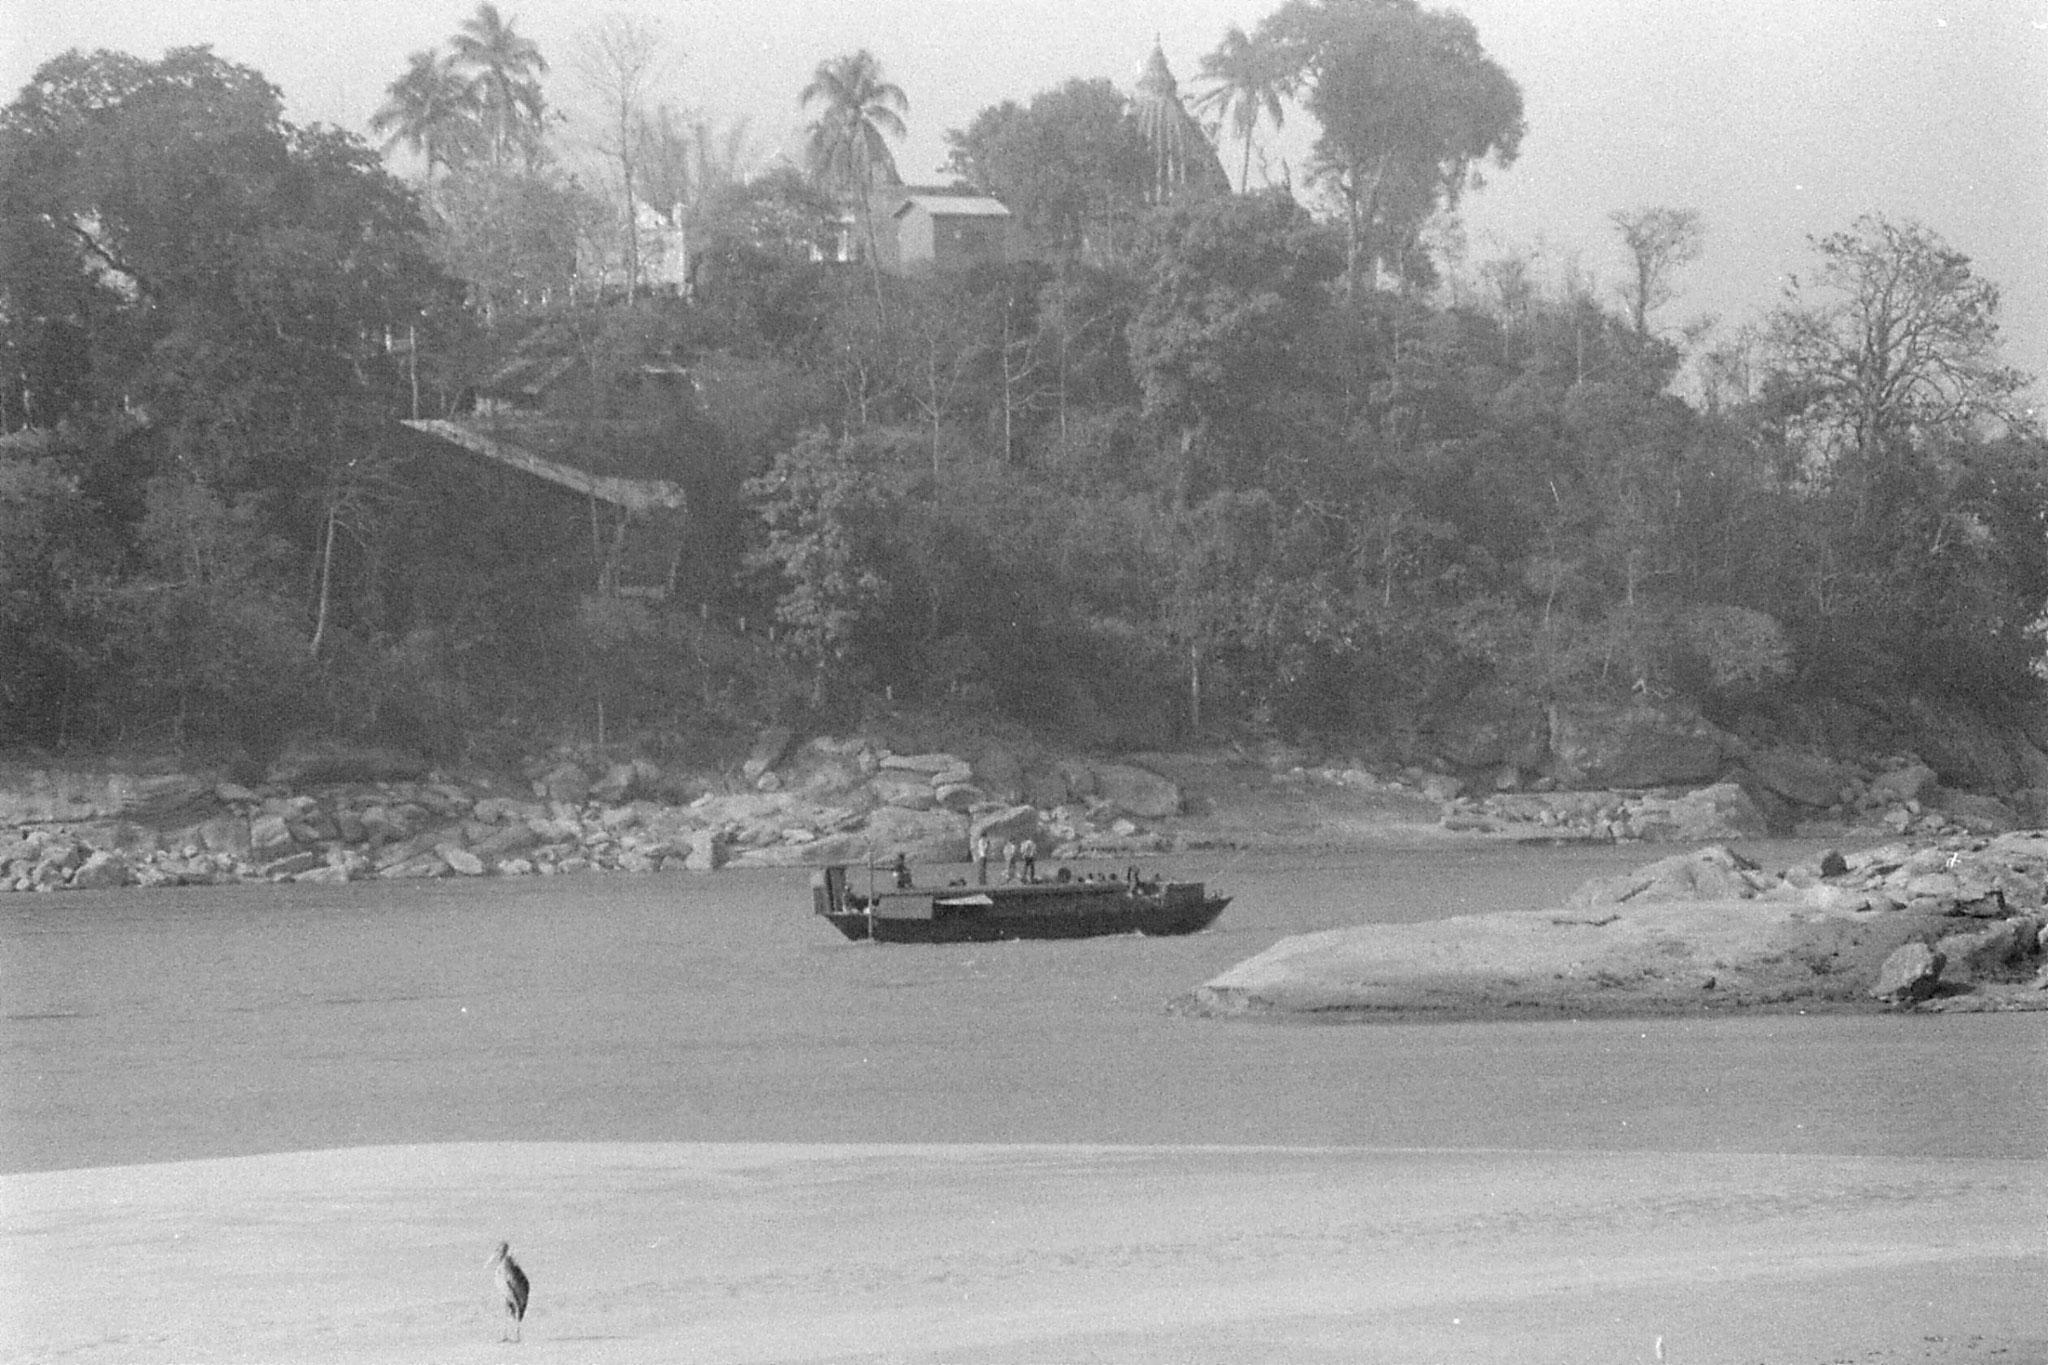 10/4/1990: 31: Gauhati, Brahmaputra River